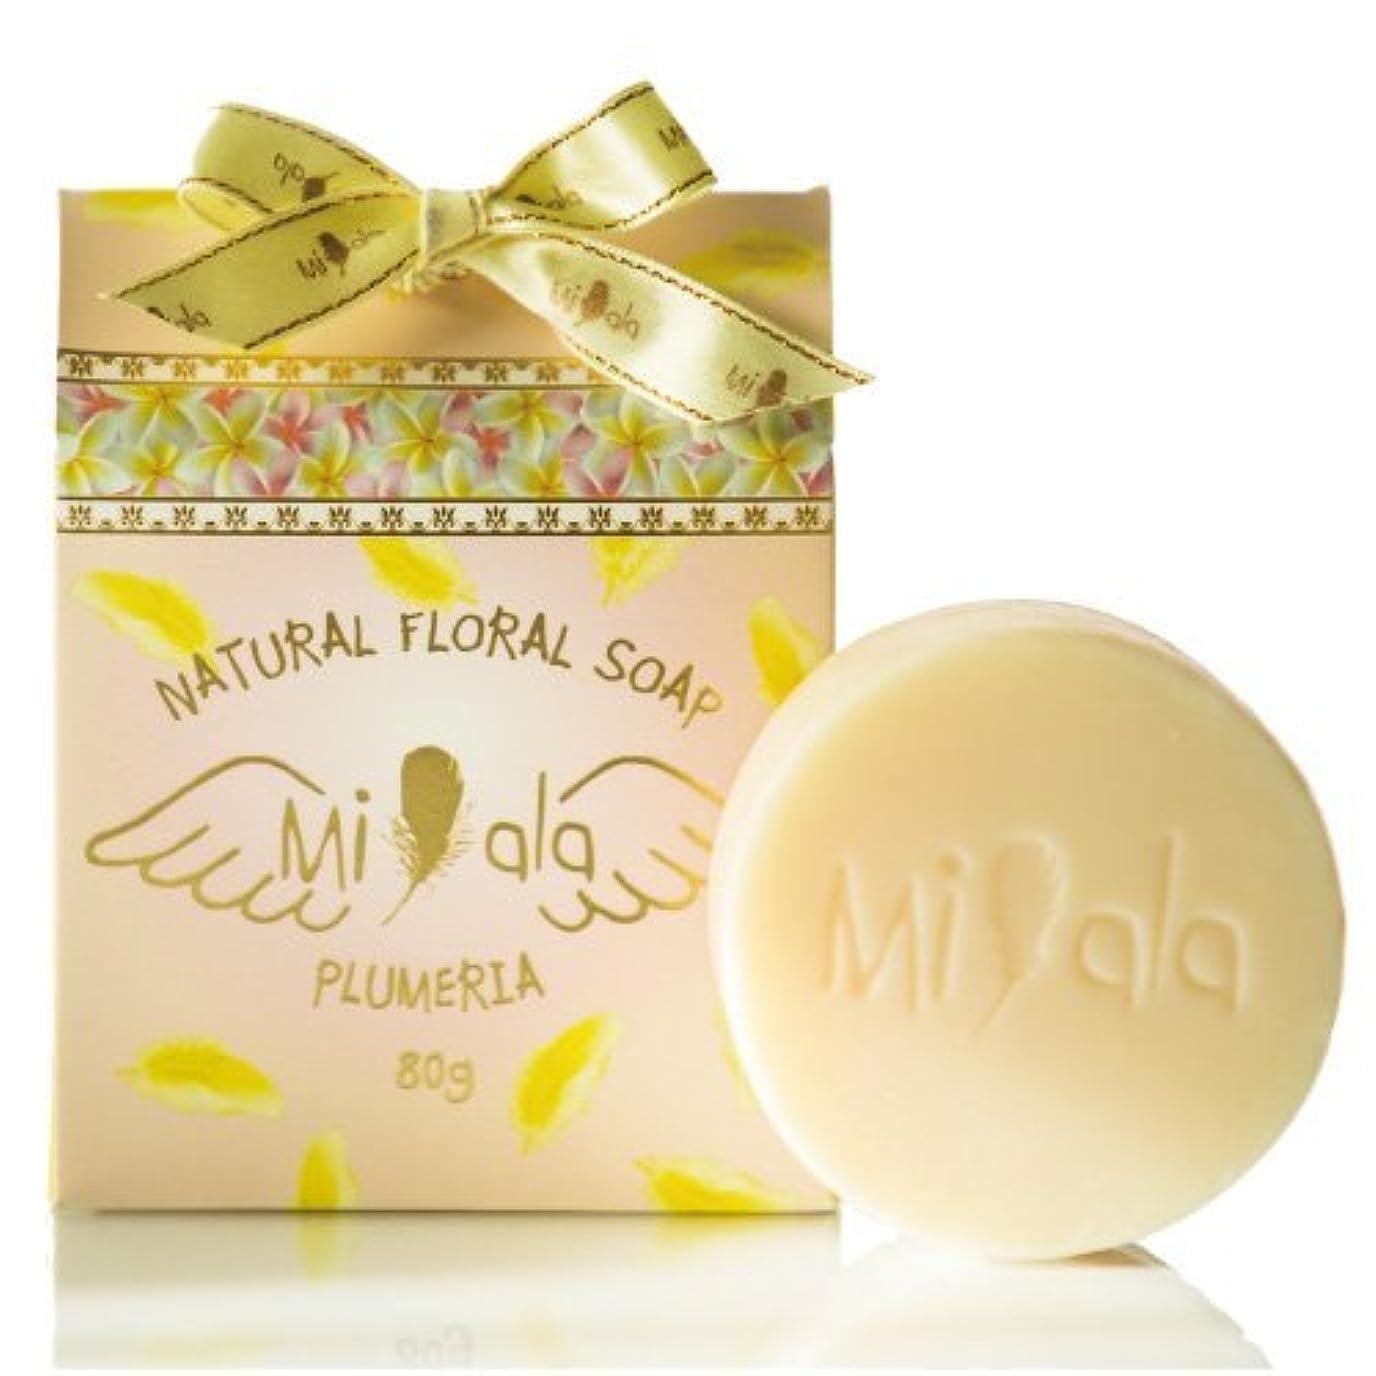 結婚なめらか資本ミアラ フローラルソープ プルメリアの香り 80g